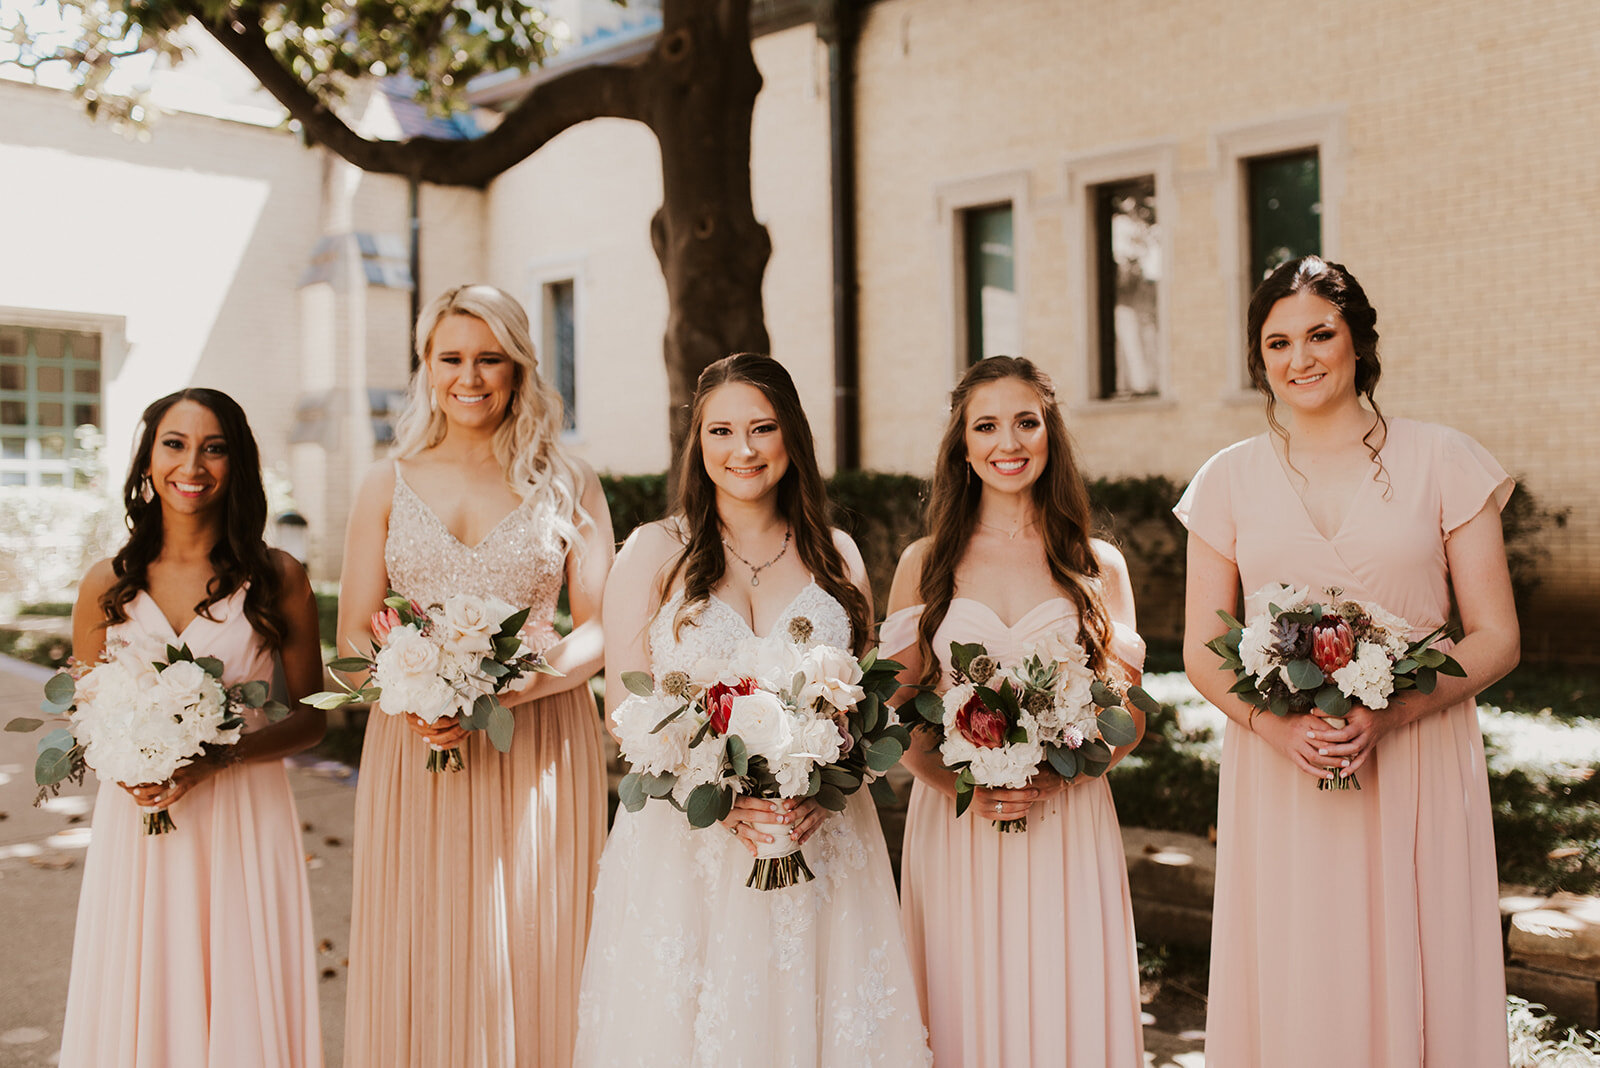 tsphoto-brock_wedding-101.jpg